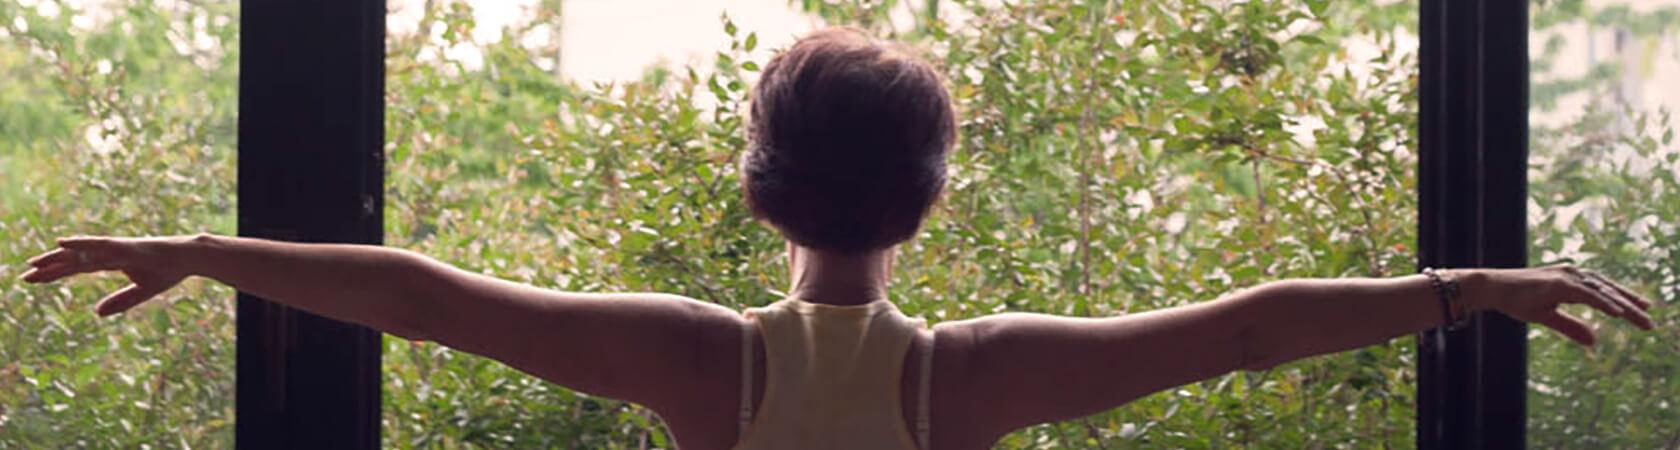 Yoga, Dans l'intimité du souffle, respirer la vie